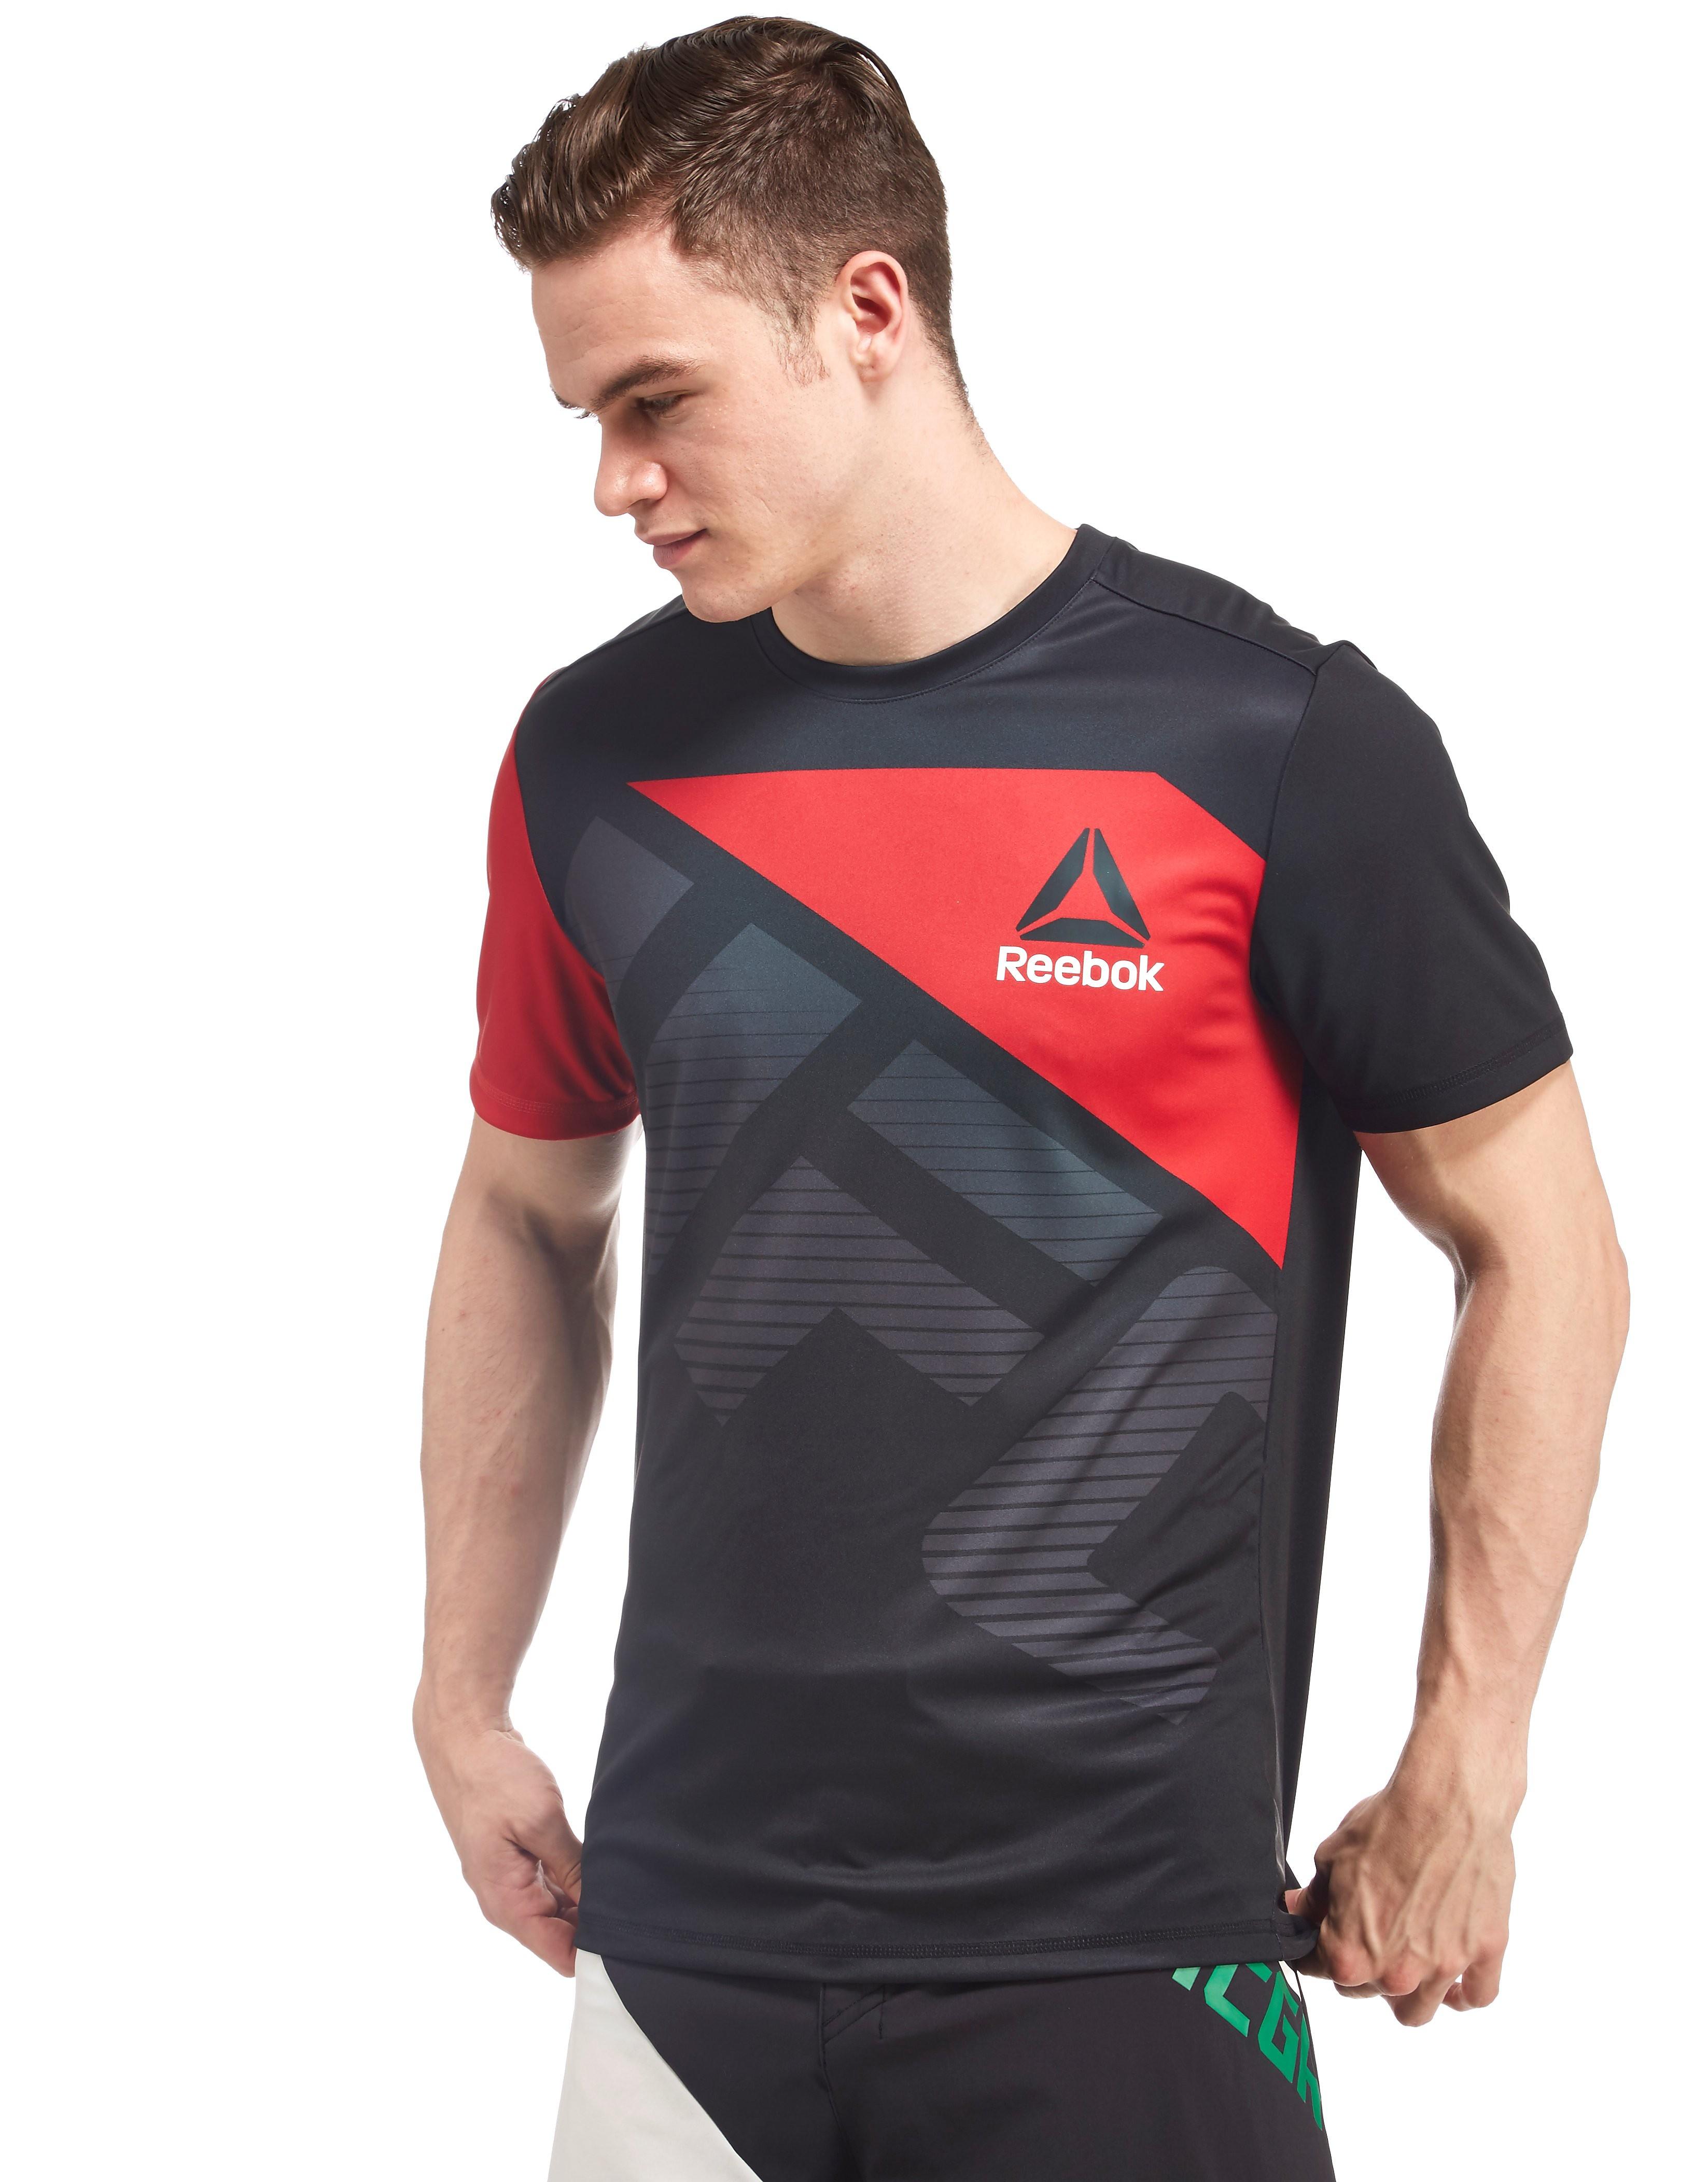 Reebok Blank UFC T-Shirt